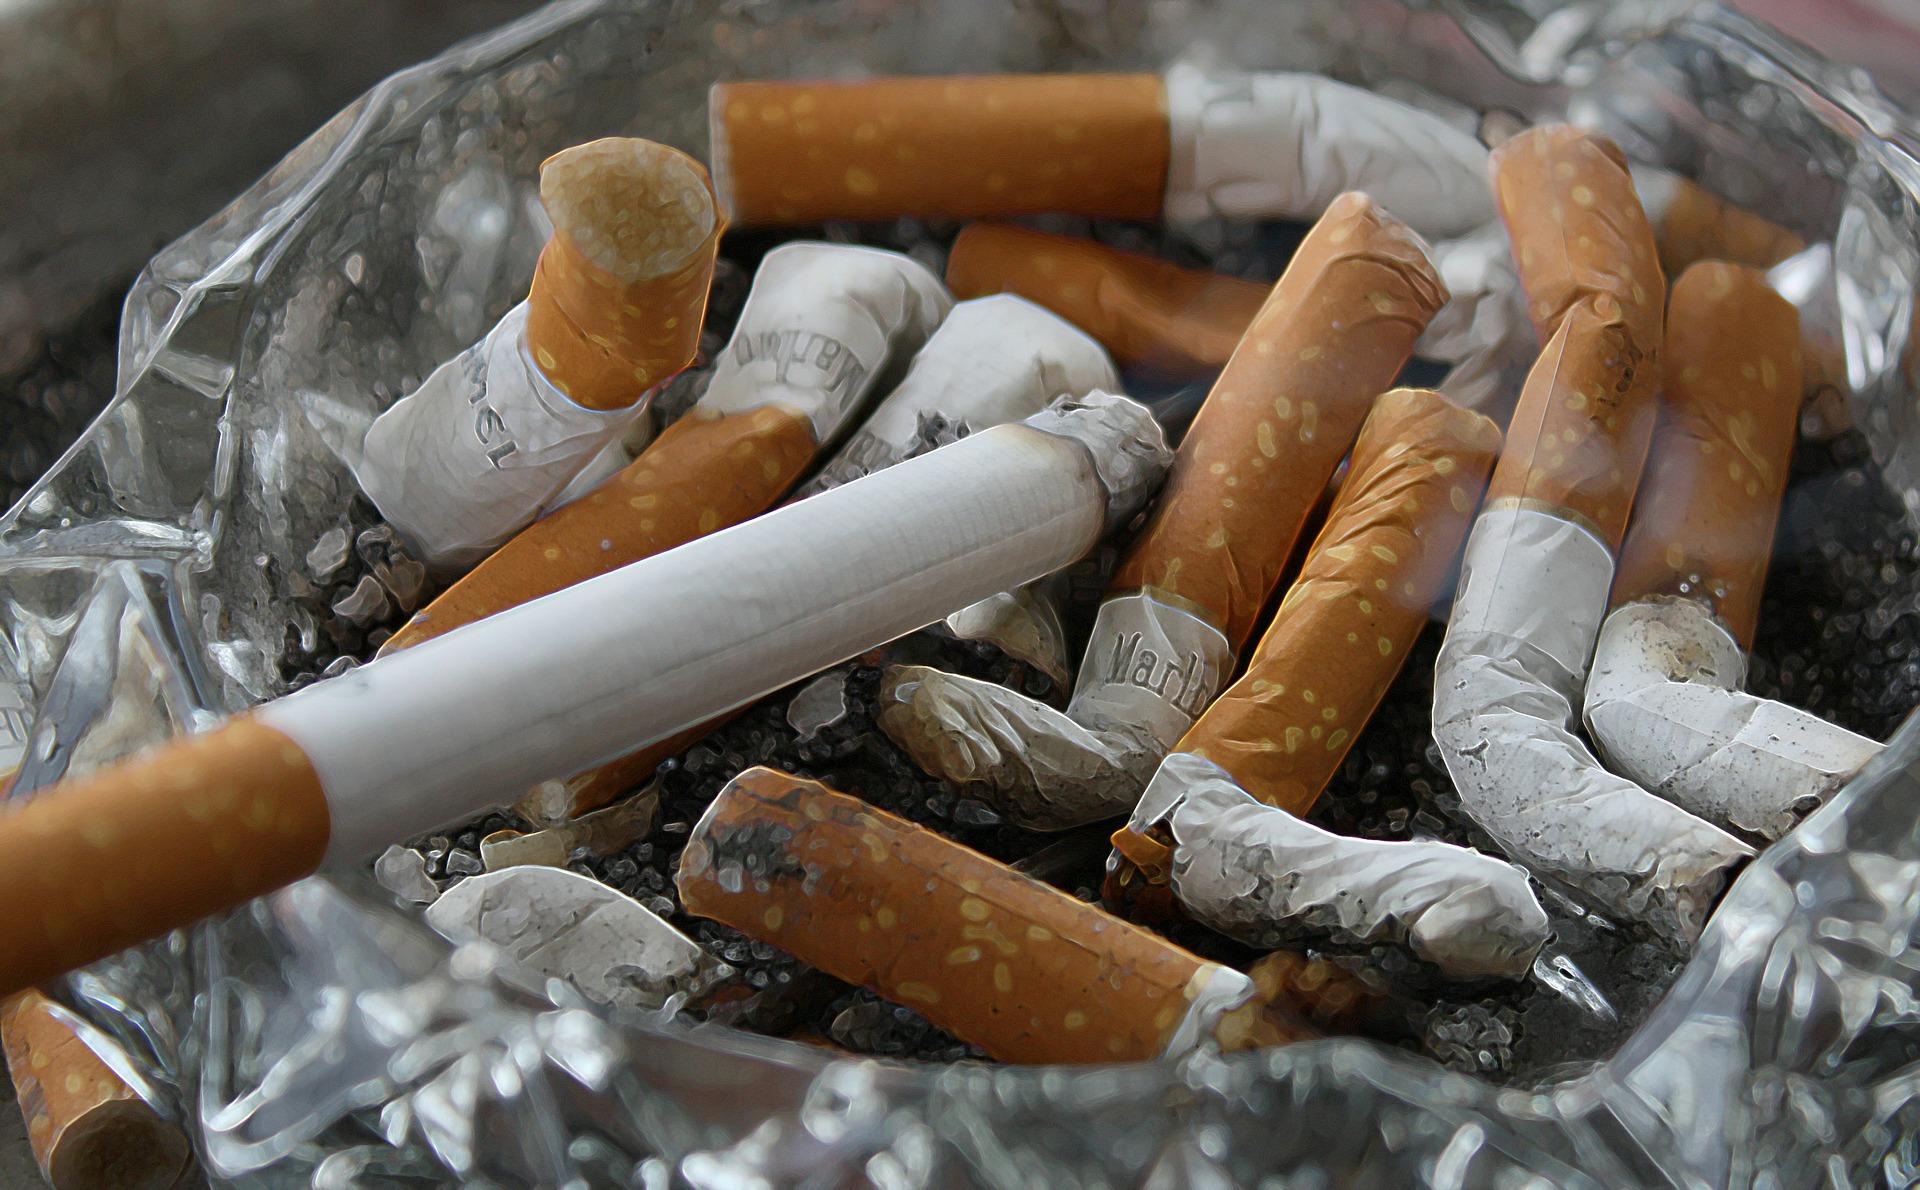 האם מותר לעשן על פי ההלכה?